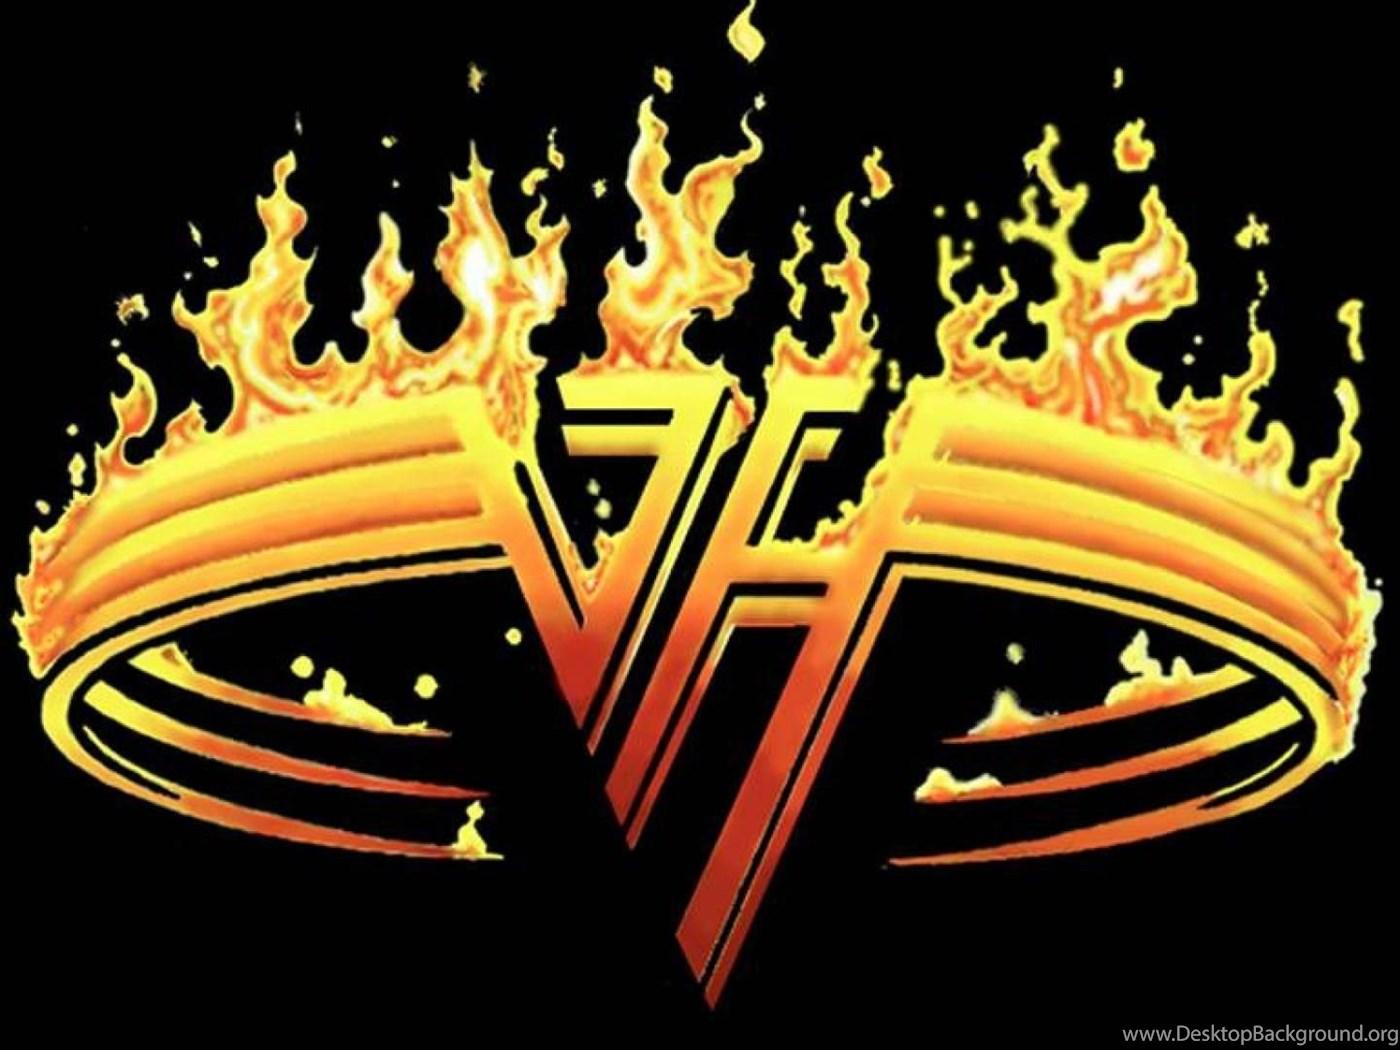 Vh Van Halen Wallpapers Desktop Background